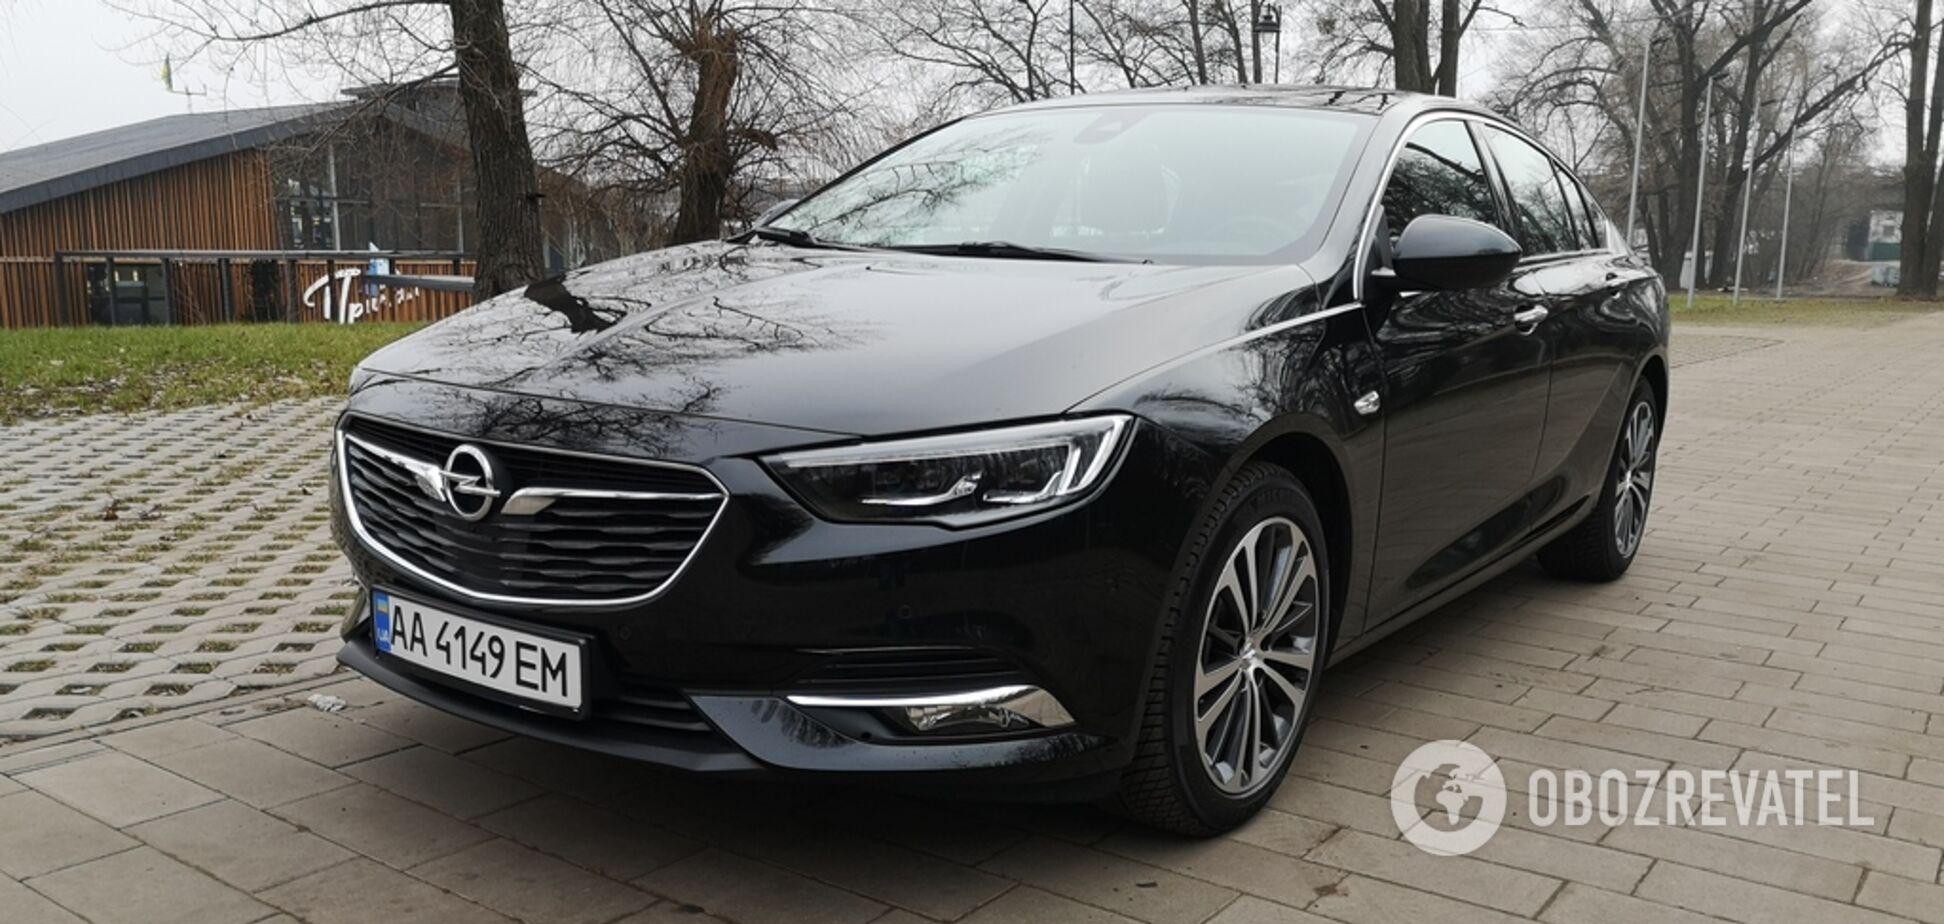 Прагматизм в привлекательной упаковке: тестируем Opel Insignia